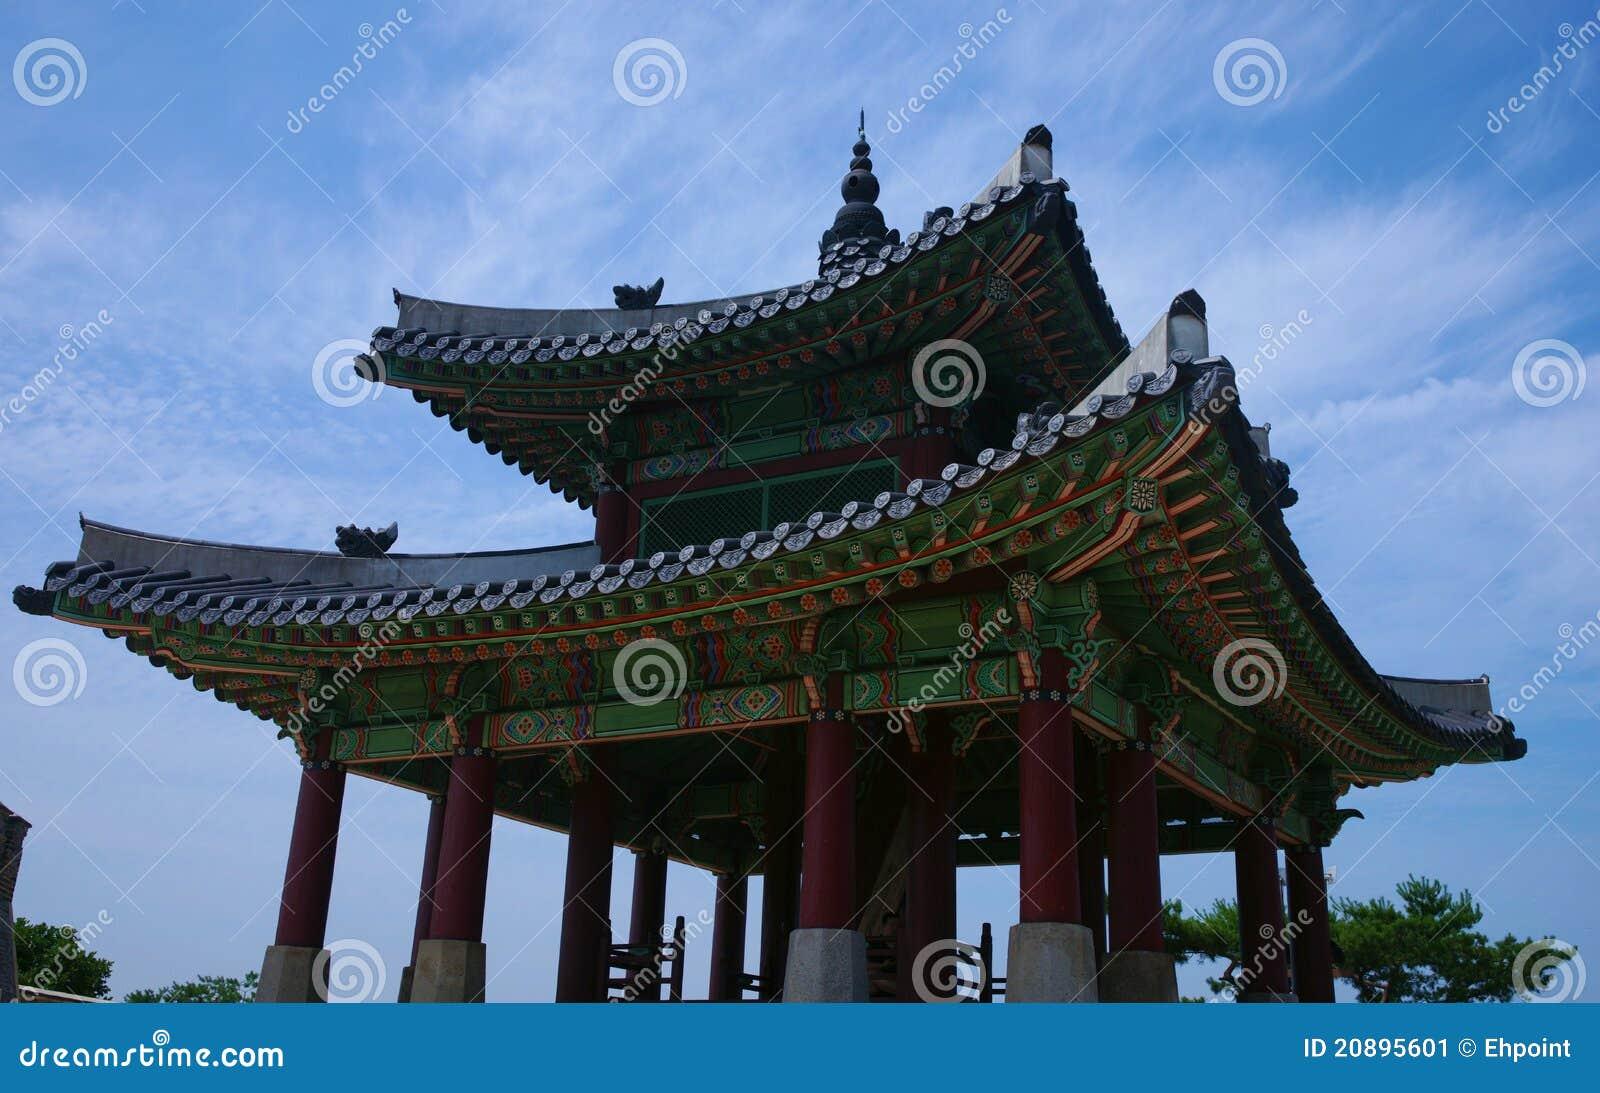 Korean Architecture Suwon South Korea